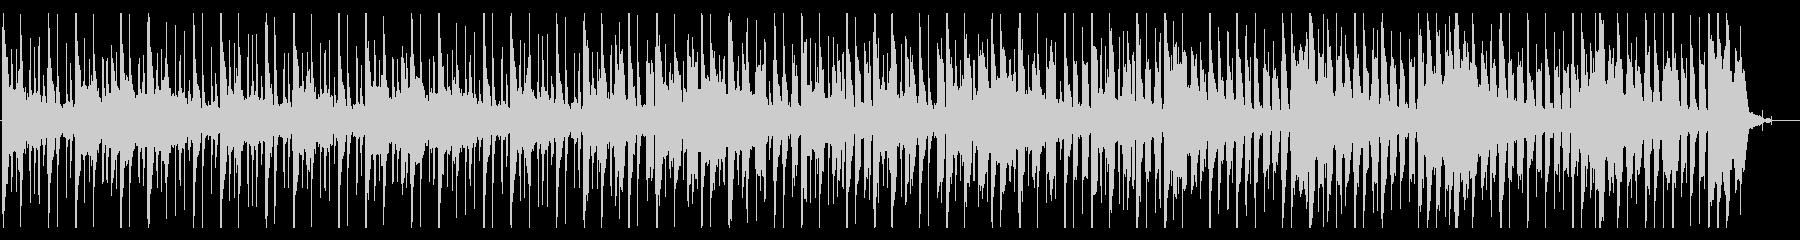 浮遊感/チル_No498_2の未再生の波形